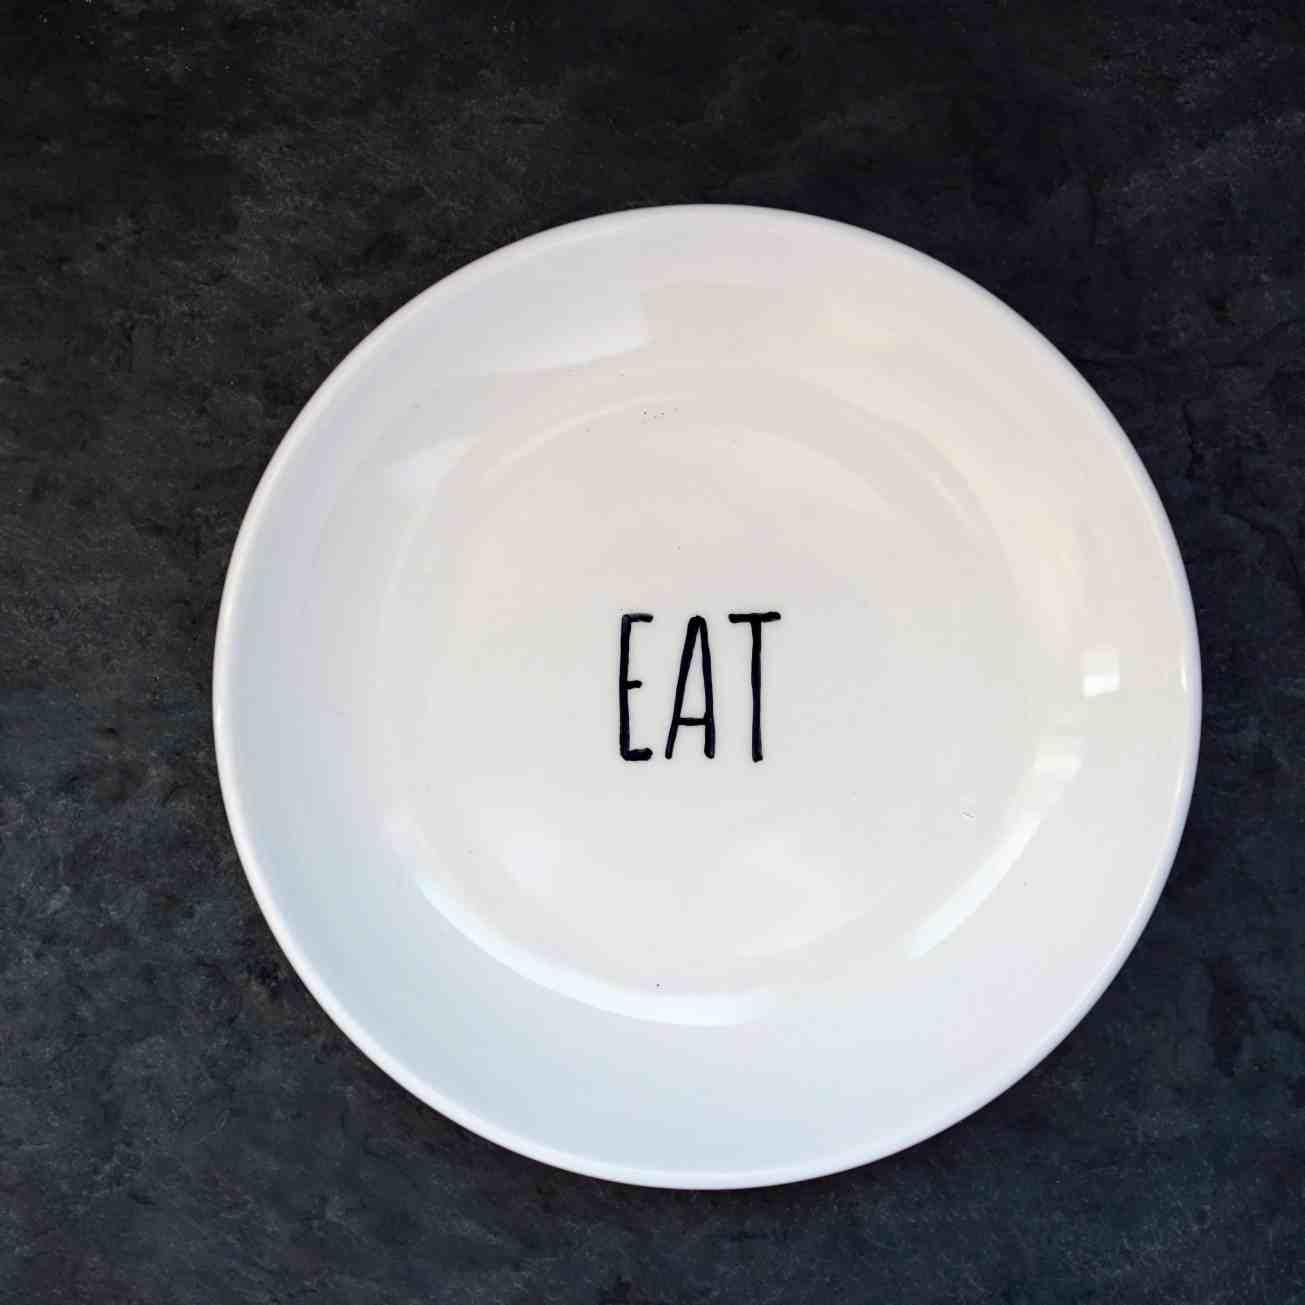 Rae Dunn inspired plate